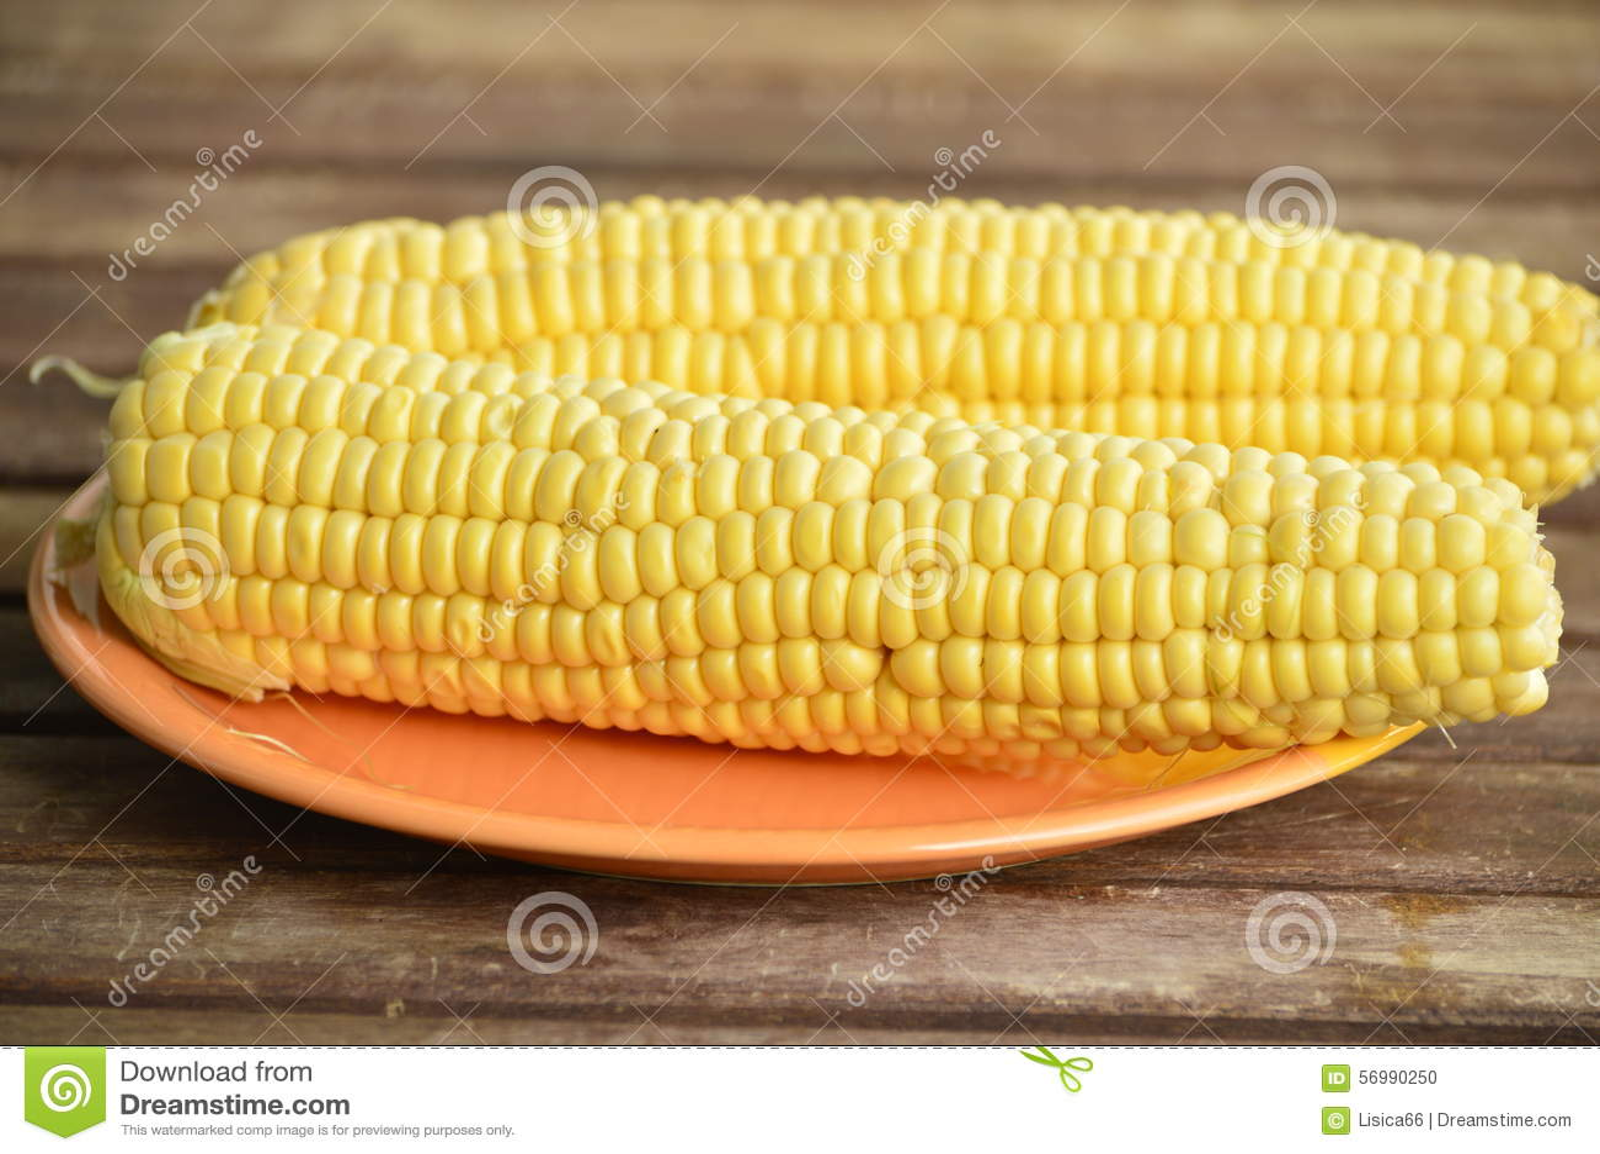 两说谎在板材的玉米穗.图片